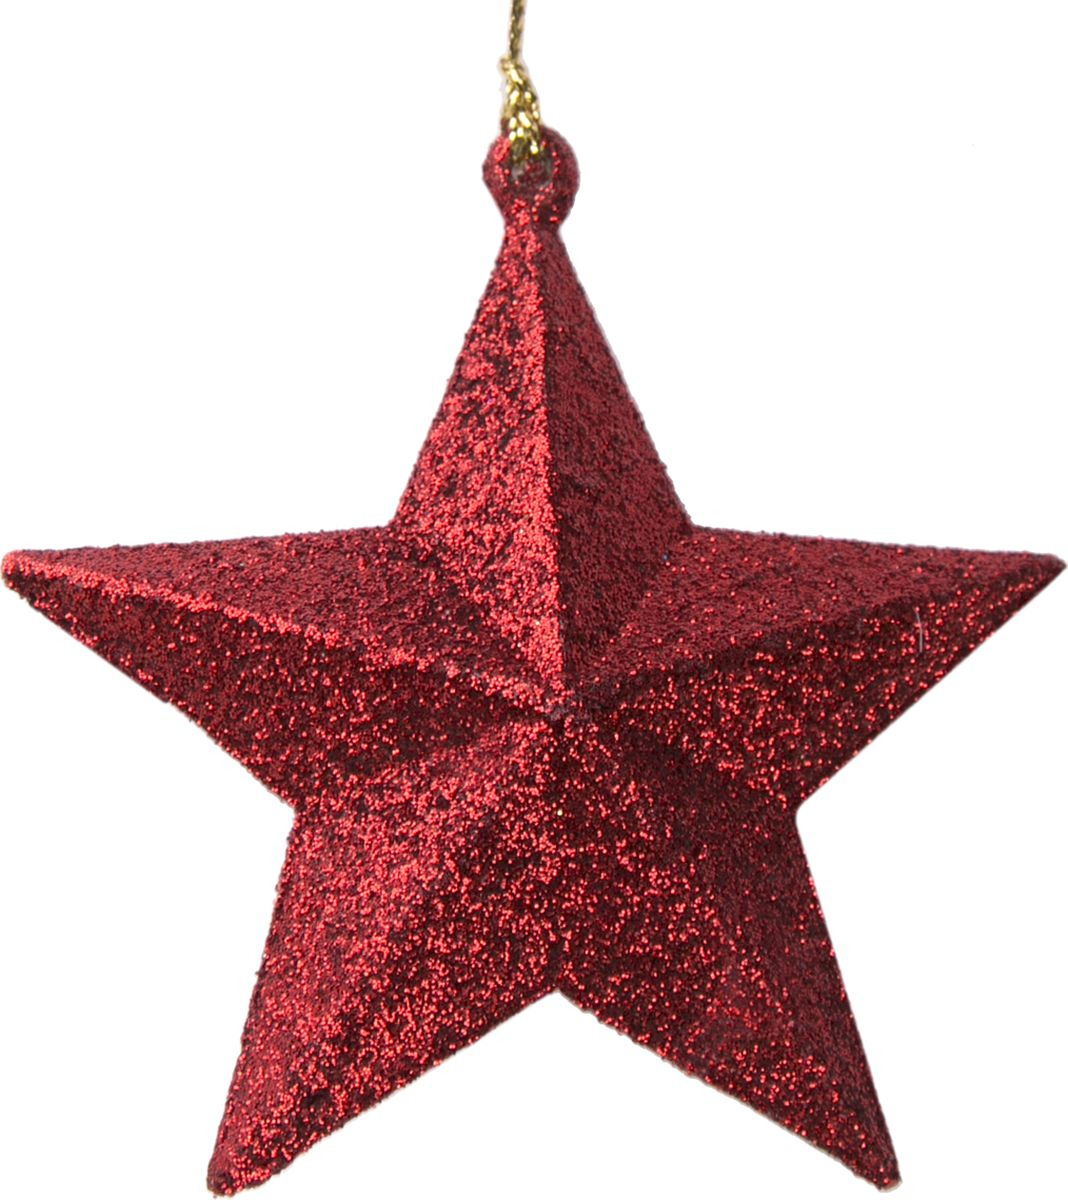 Новогоднее подвесное елочное украшение Magic Time Звезда, цвет: красный, 10 x 9,5 x 3,5 см украшение новогоднее подвесное magic time морозная звезда 8 см